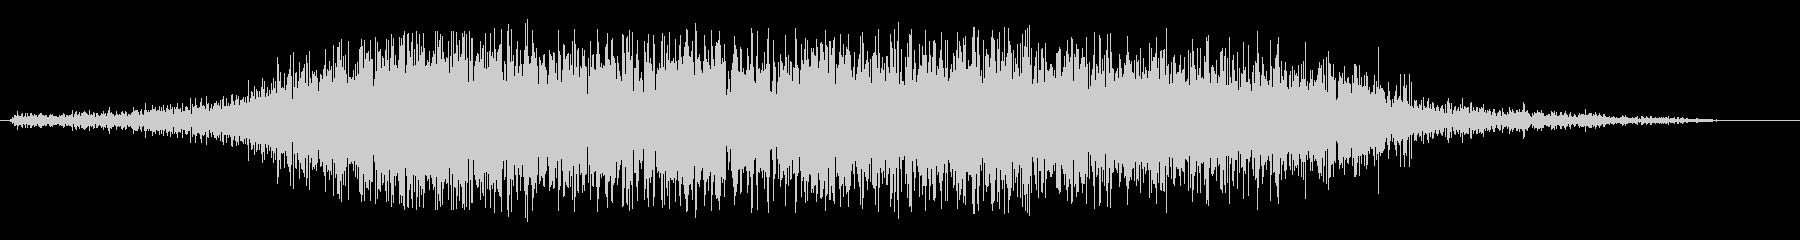 ブワーンとしたタイトルアップ音の未再生の波形